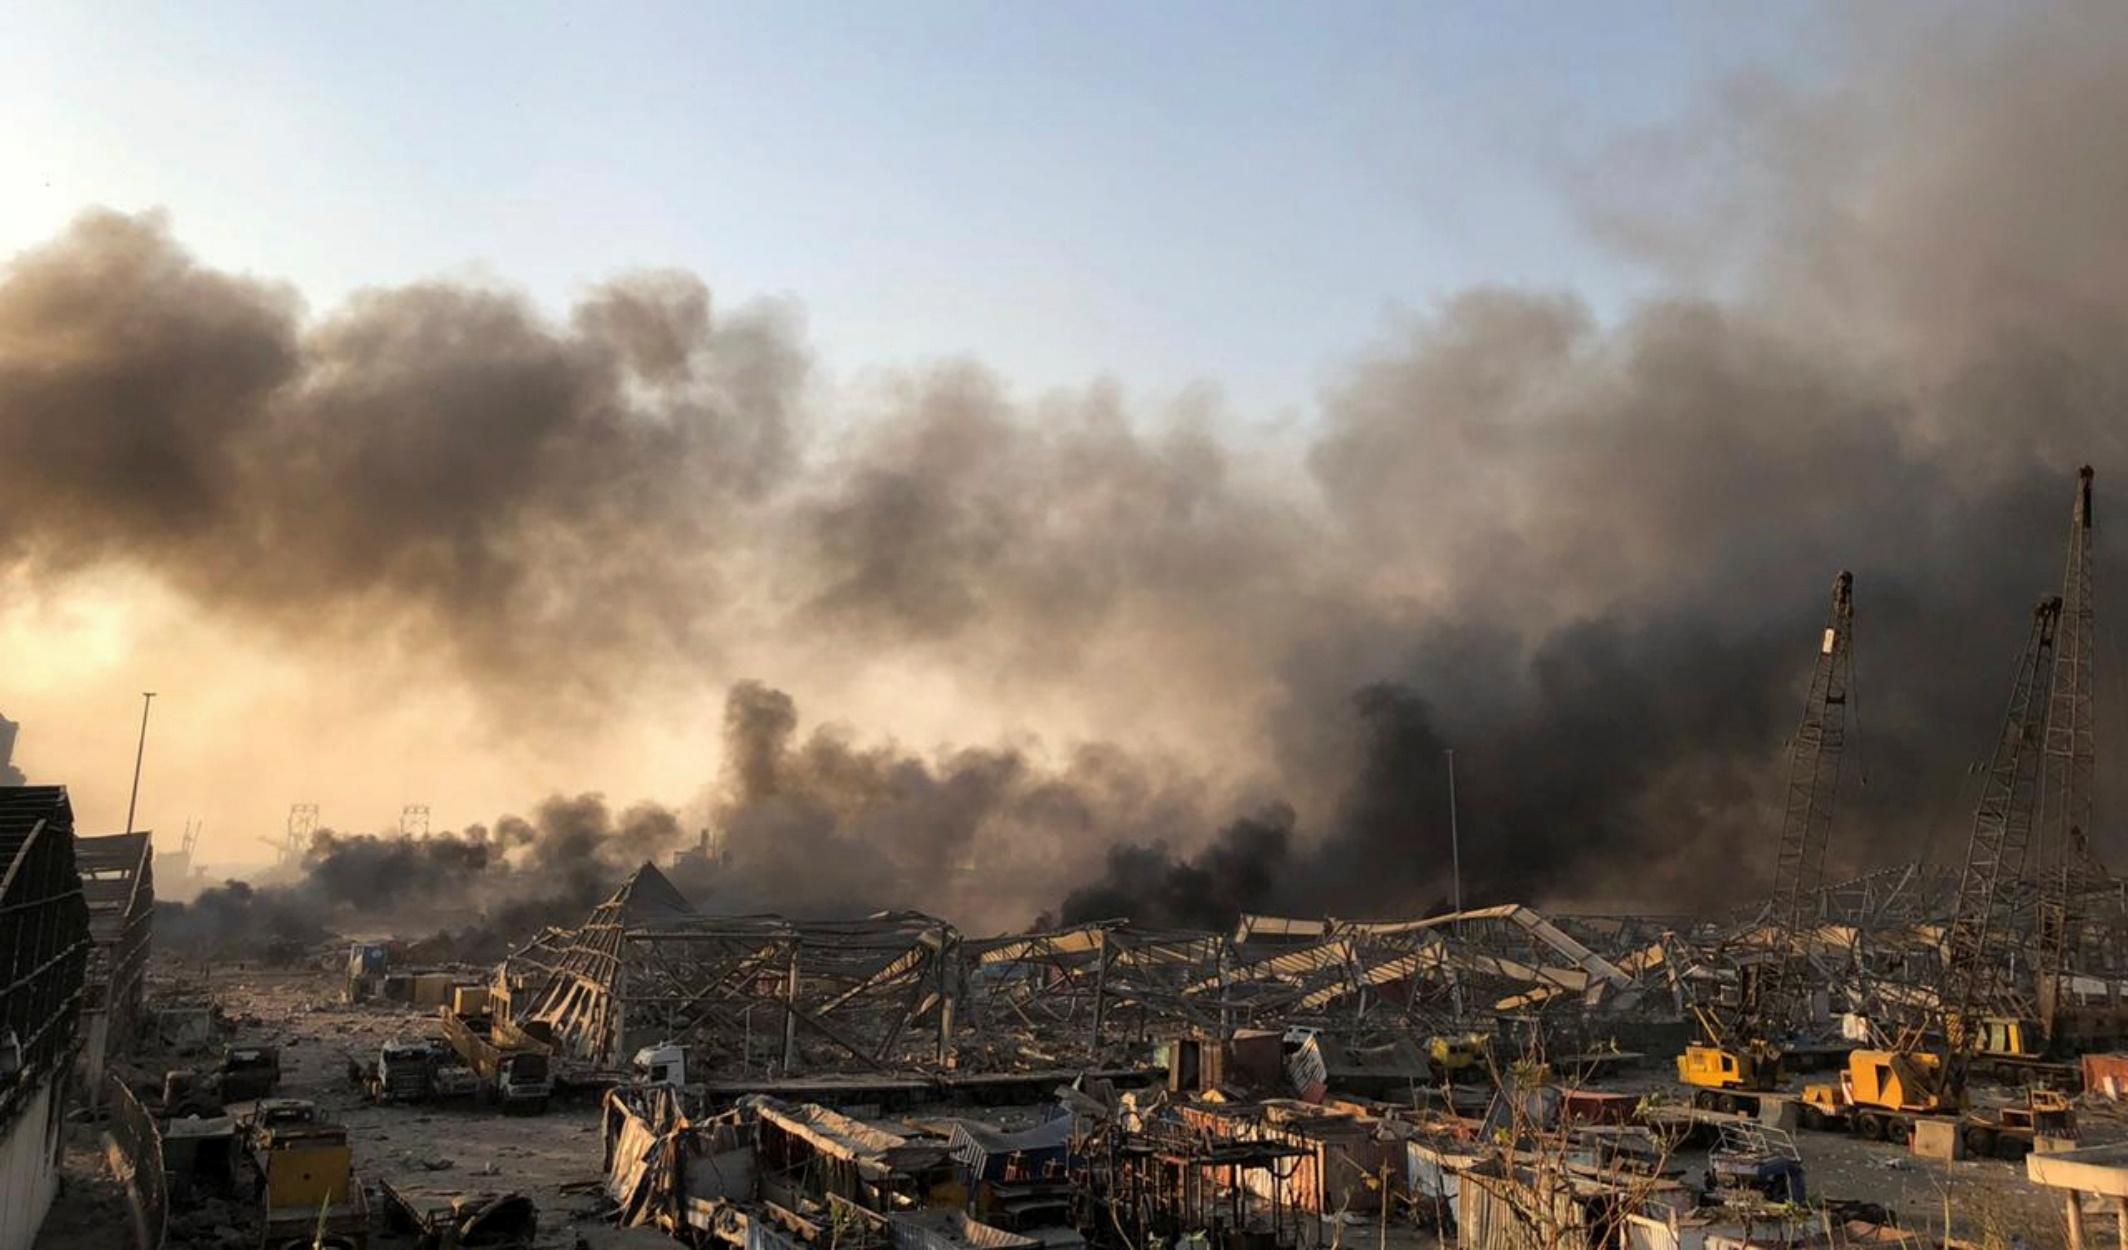 Ταμείο για την ενίσχυση των μουσικών που επλήγησαν από την έκρηξη στη Βηρυτό